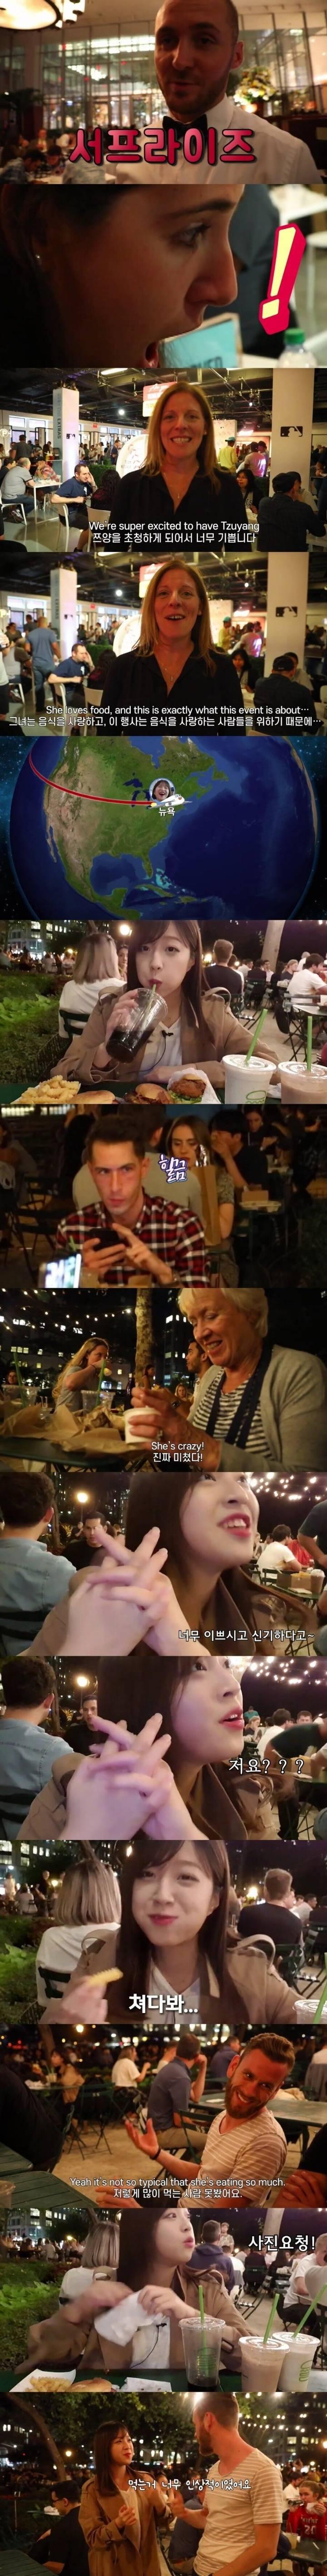 외국인들도 놀라는 쯔양 쉑쉑버거 먹방.jpg | 인스티즈